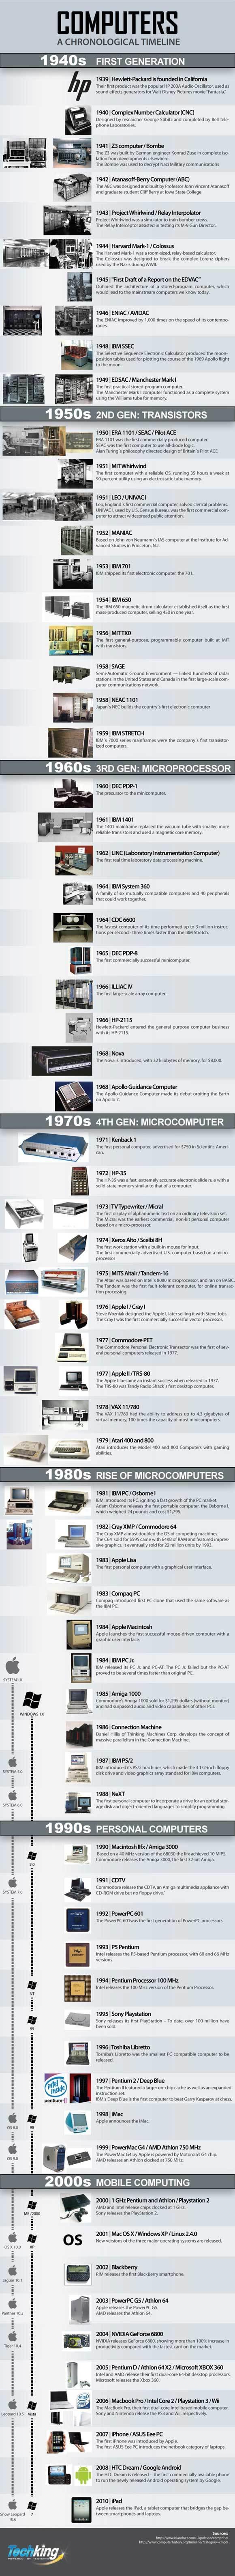 Infographie : l'histoire des ordinateurs de 1939 à 2010